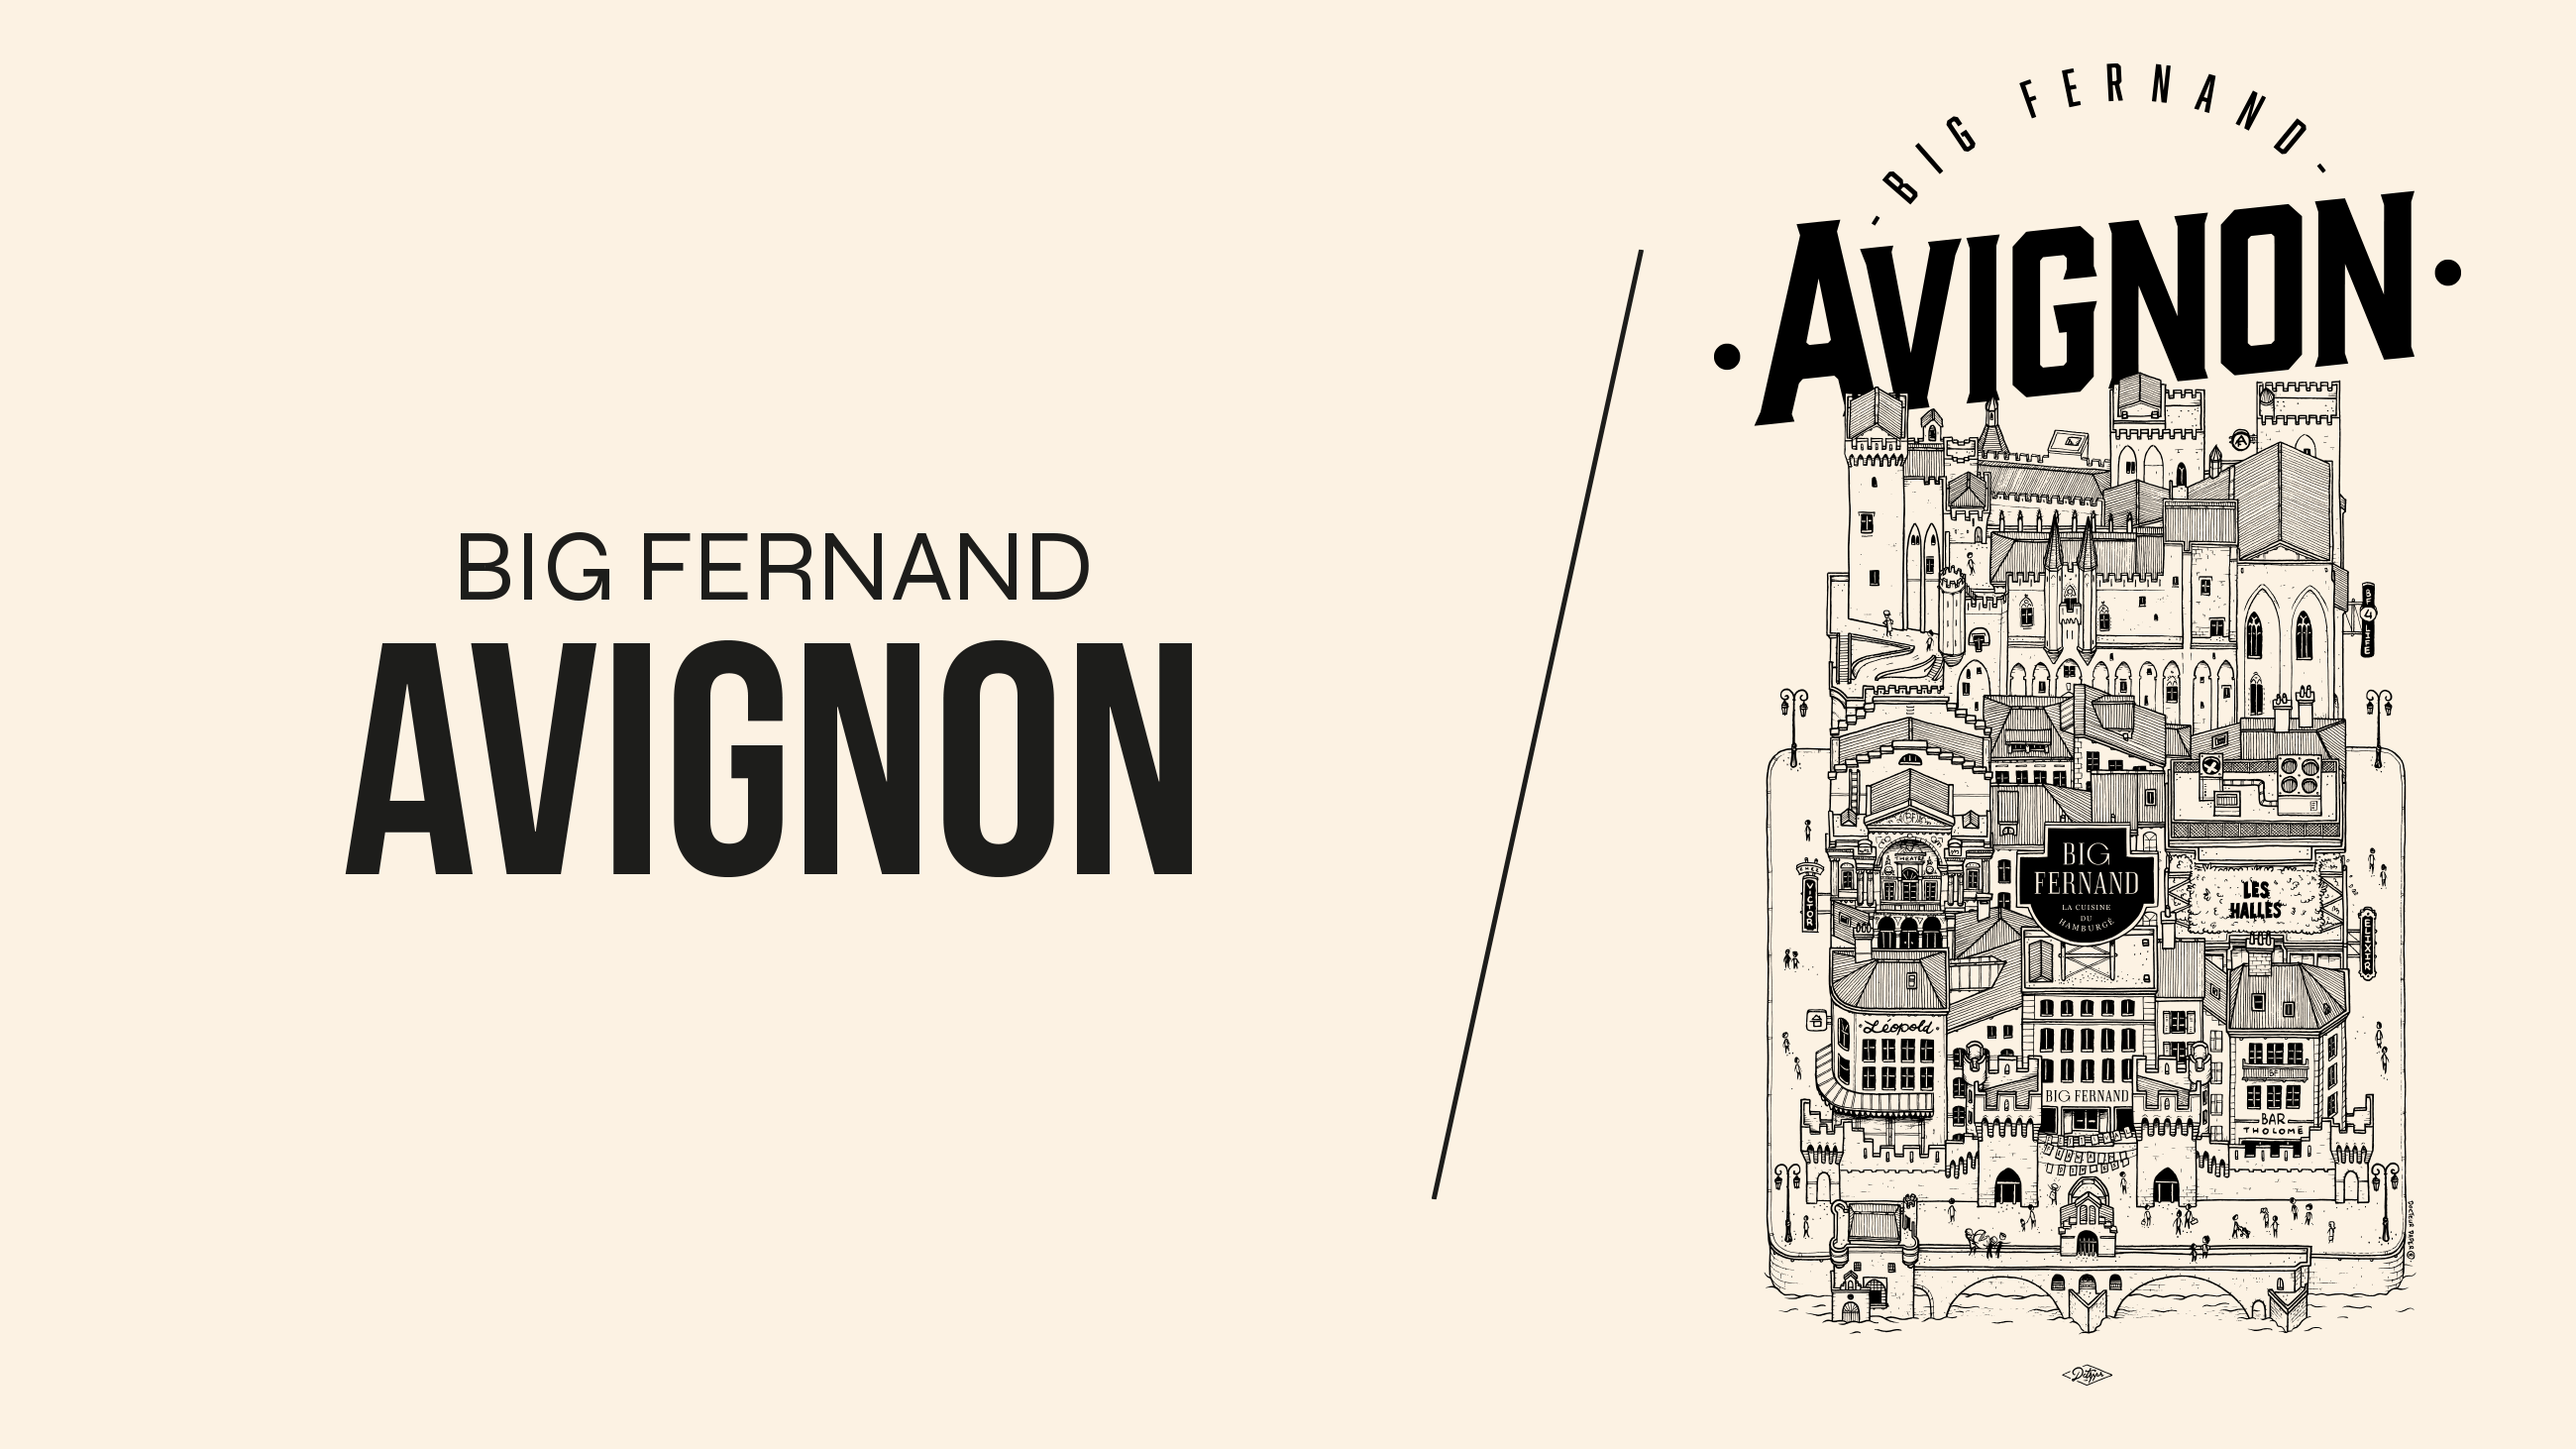 TOUS SUR LE PONT : ON DÉBARQUE À AVIGNON !